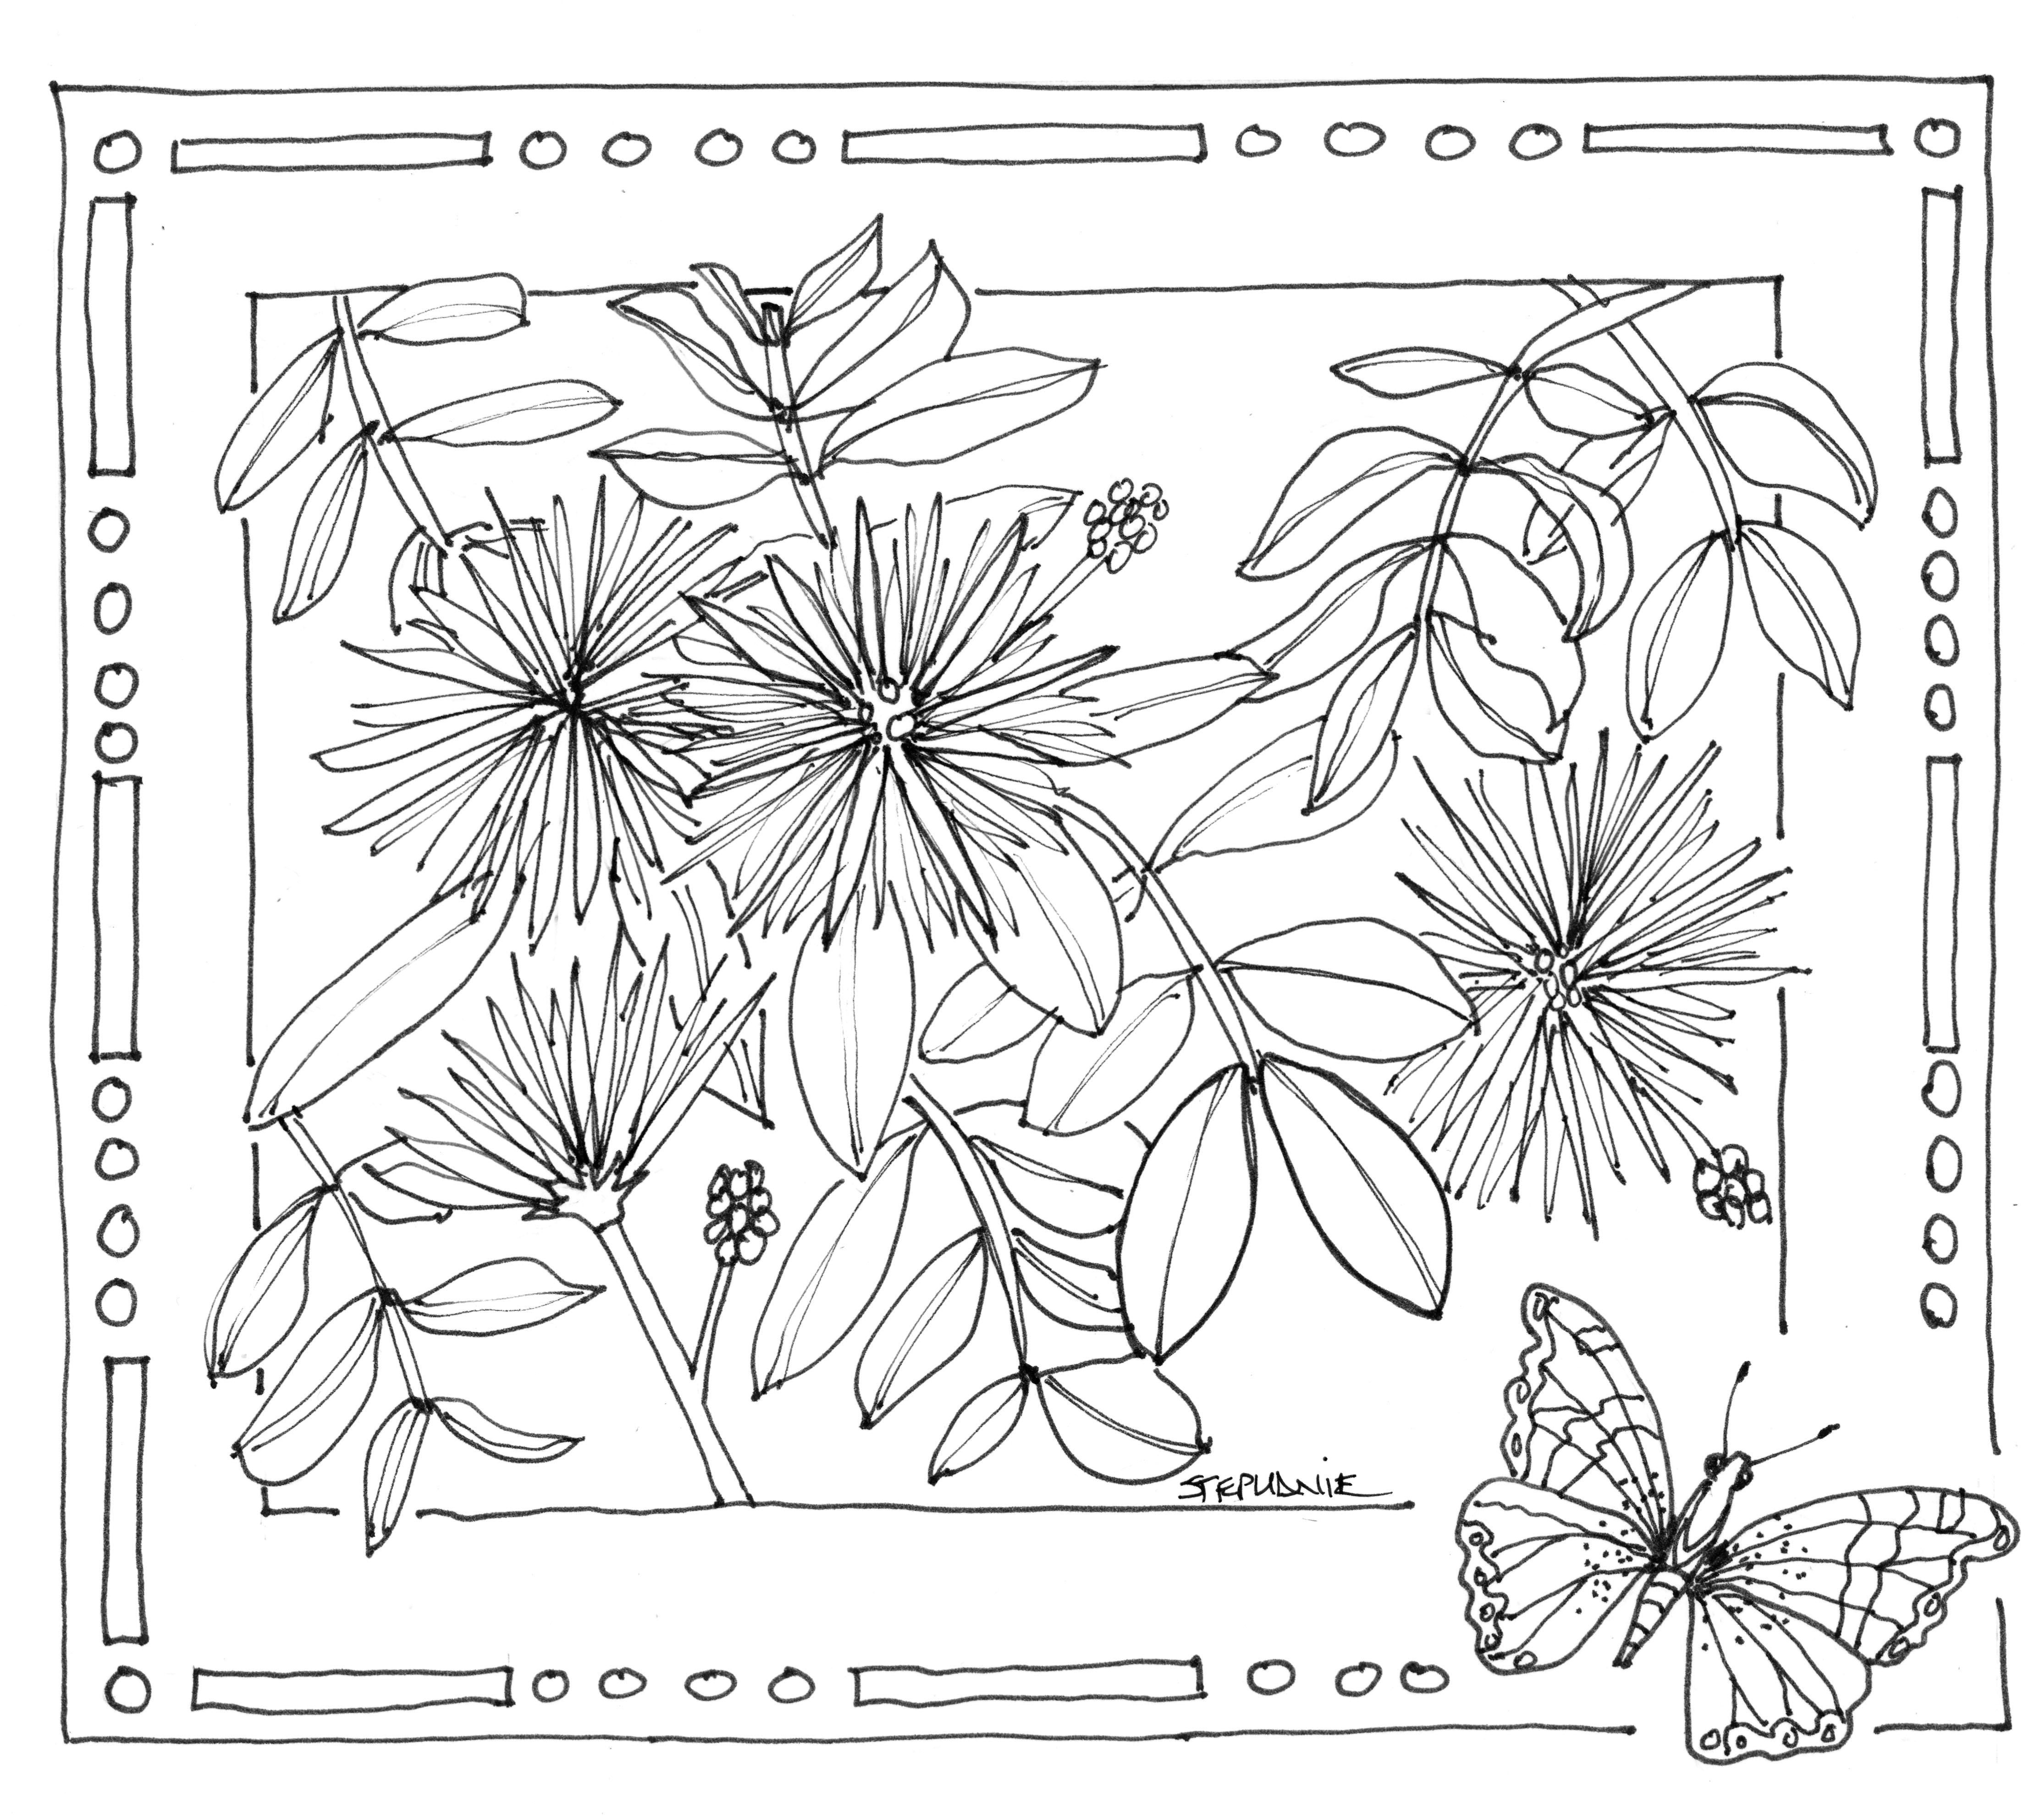 Клумба цветов в рамке с бабочкой Раскраски с цветами распечатать бесплатно